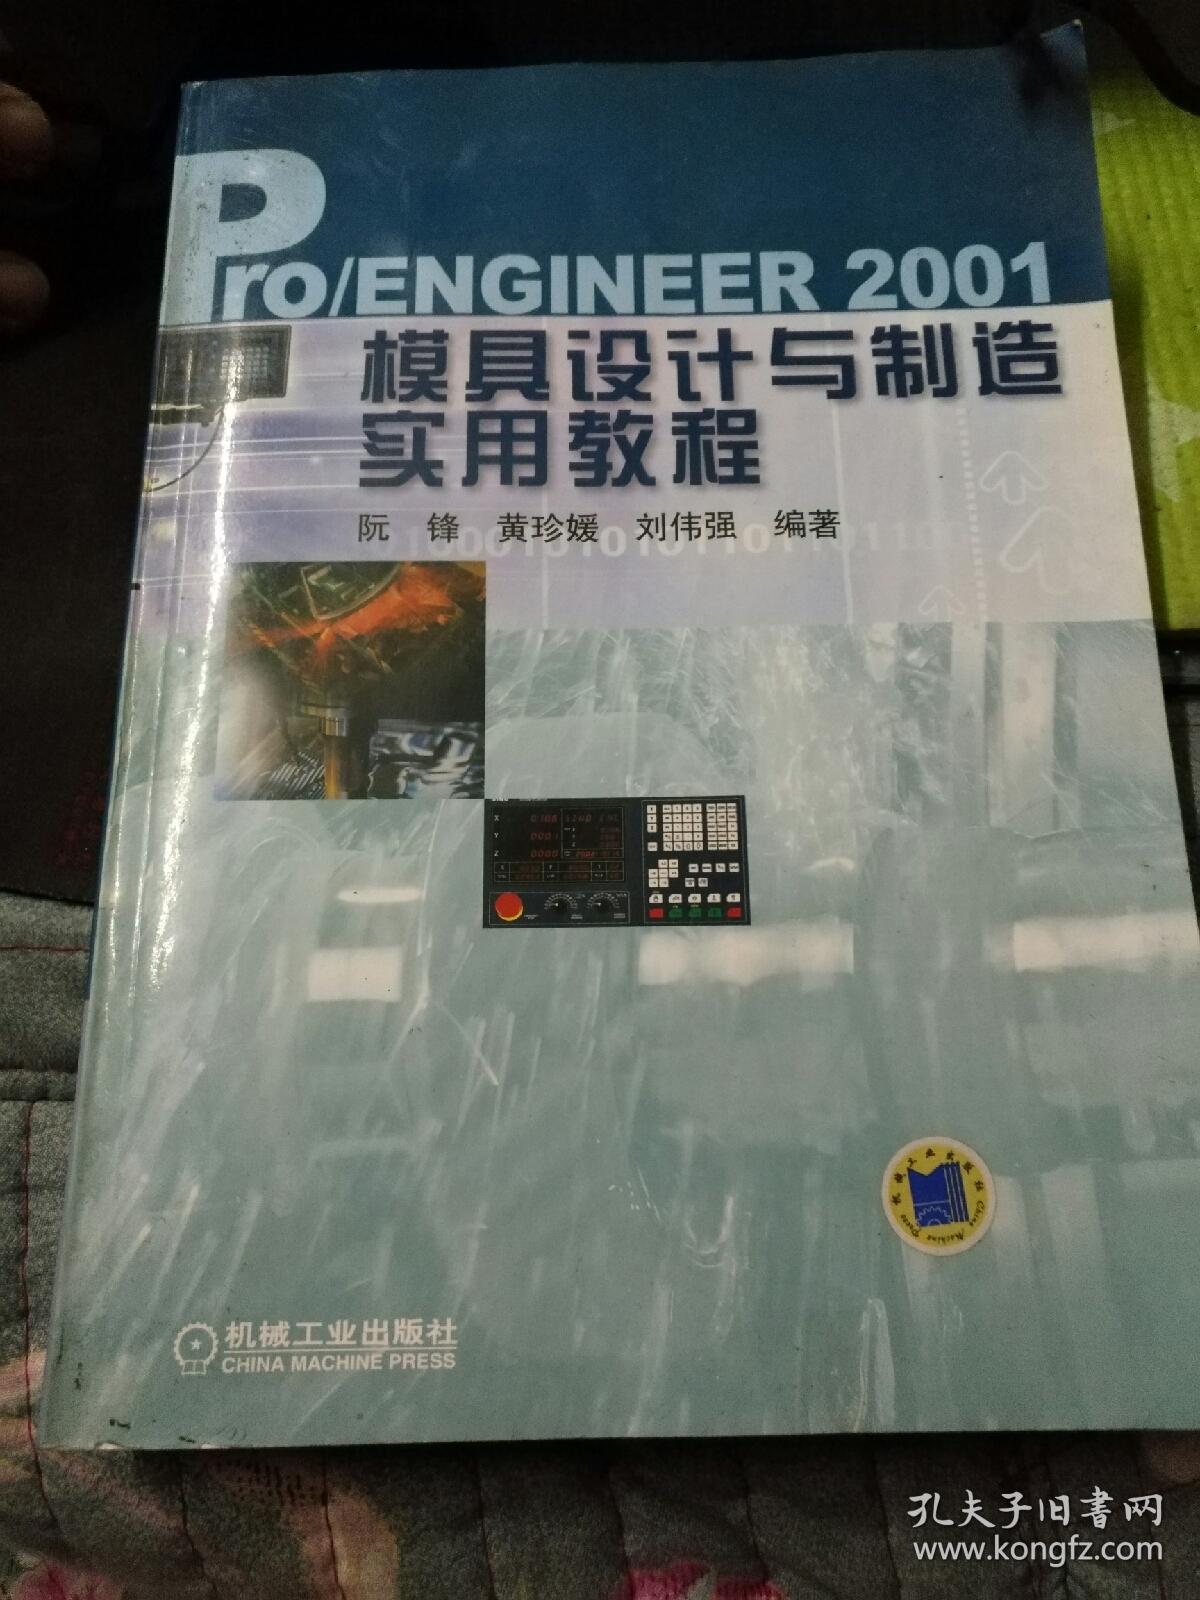 Pro\ENGINEER2001模具设计与制造实用教程ui设计写怎么简历自我评价图片